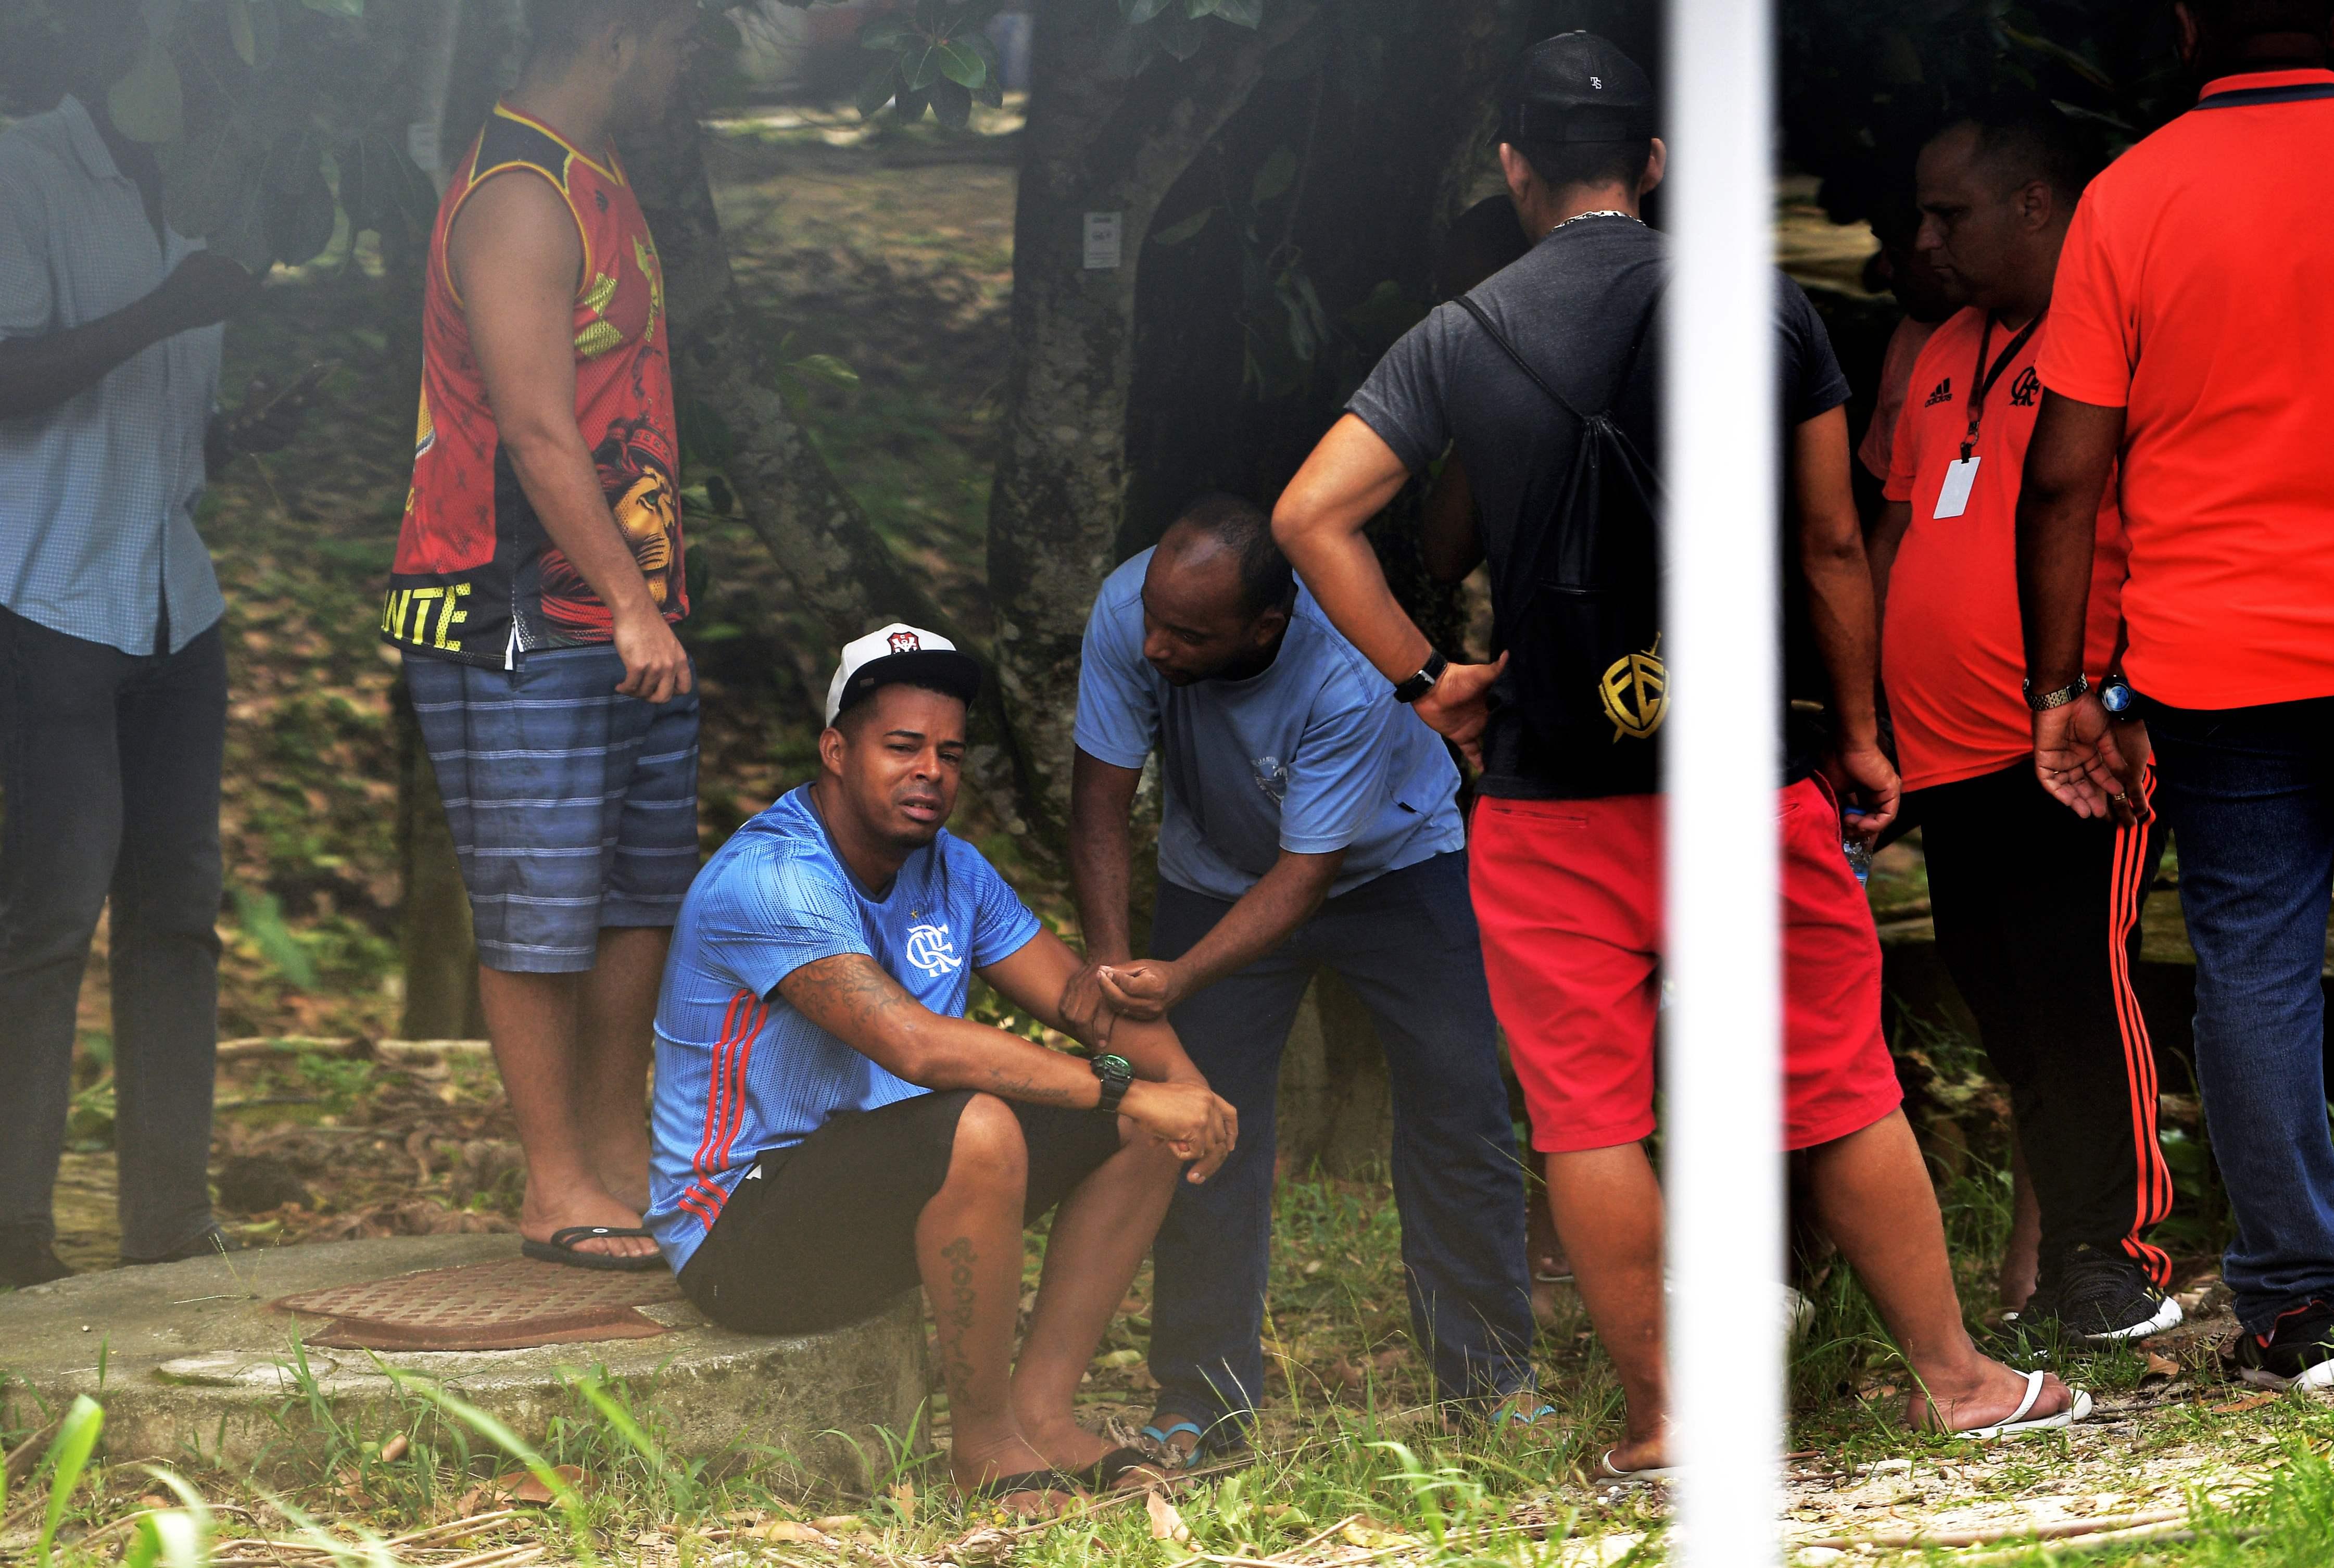 в бразилії згоріли 10 футболістів